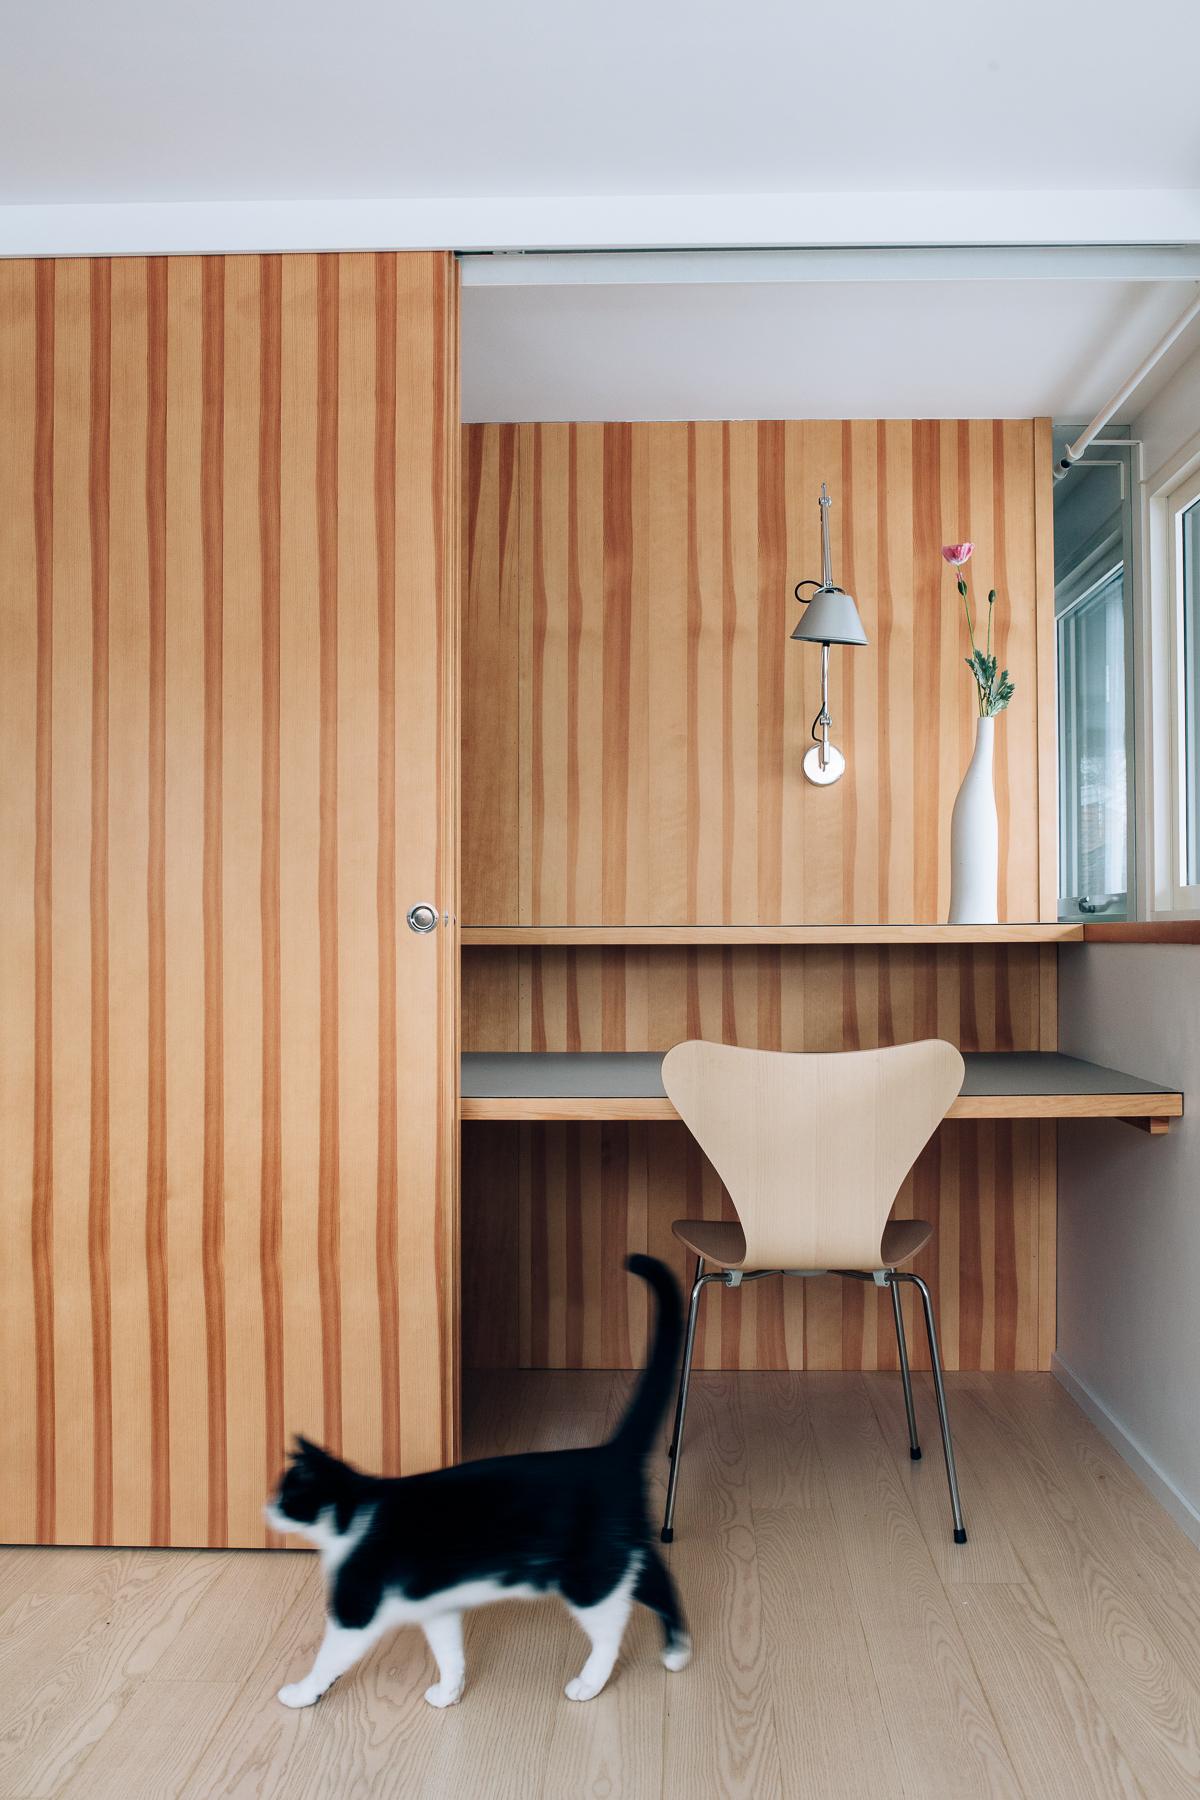 Kontoret er et godt eksempel på hvordan Knut Hjeltnes skaper en ryddig struktur i hjemmet.